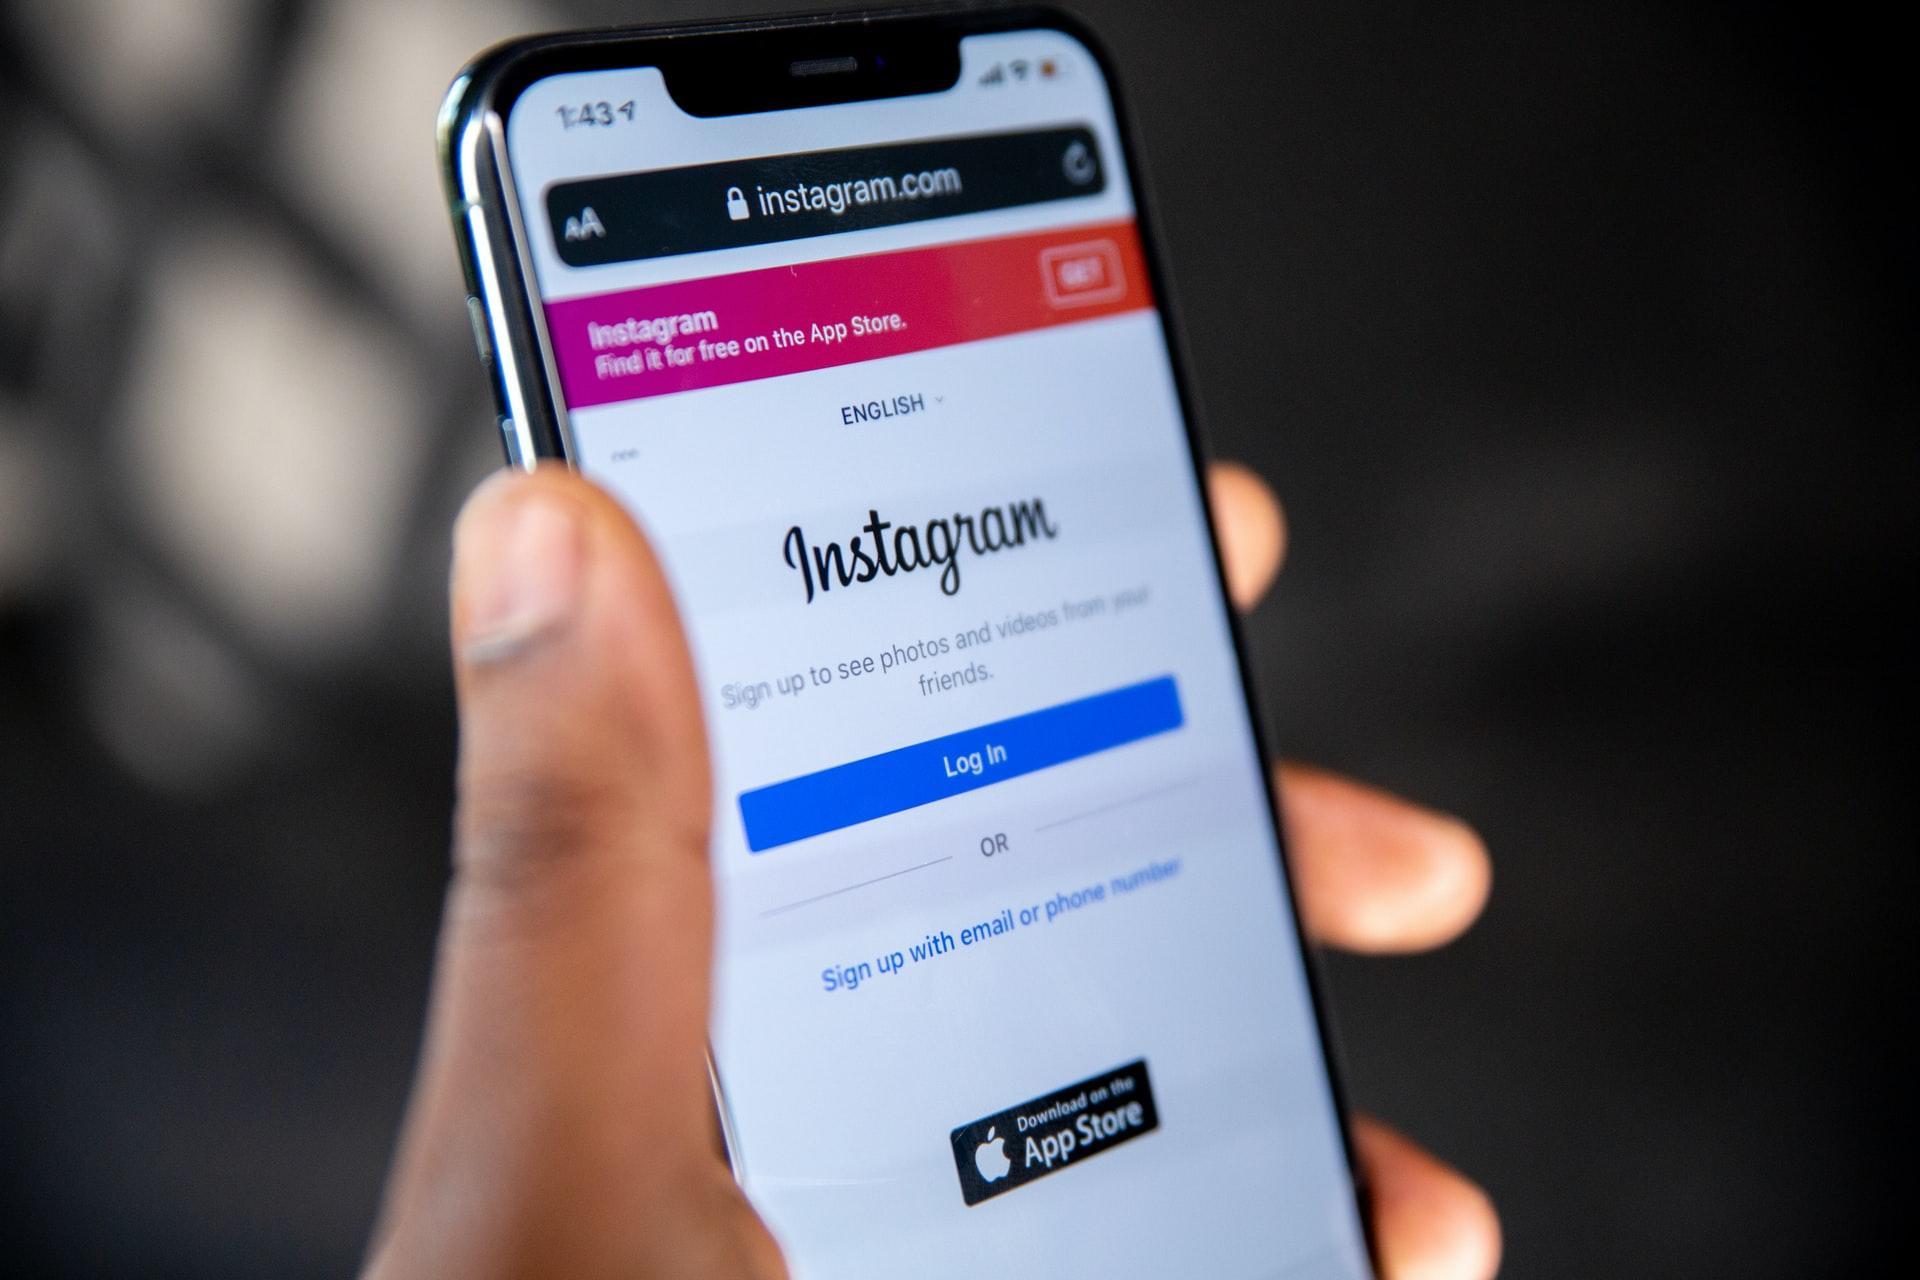 Prueba Instagram crear y subir contenido desde su versión web